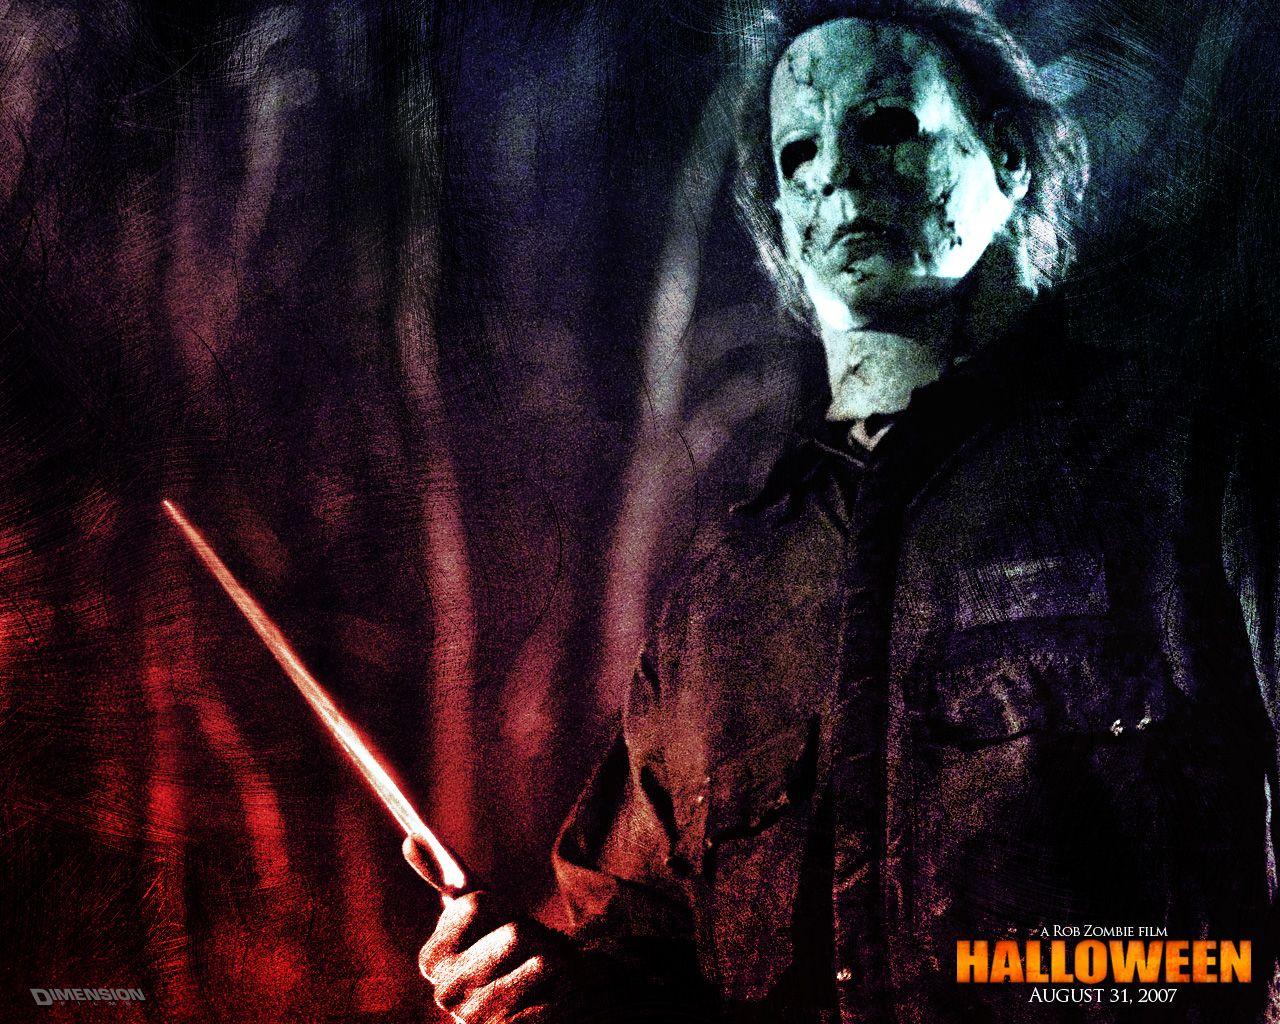 Hd wallpaper evil - Evil Halloween Pictures Scary Halloween Desktops Wallpaper Hd Wallpaper Background Desktop